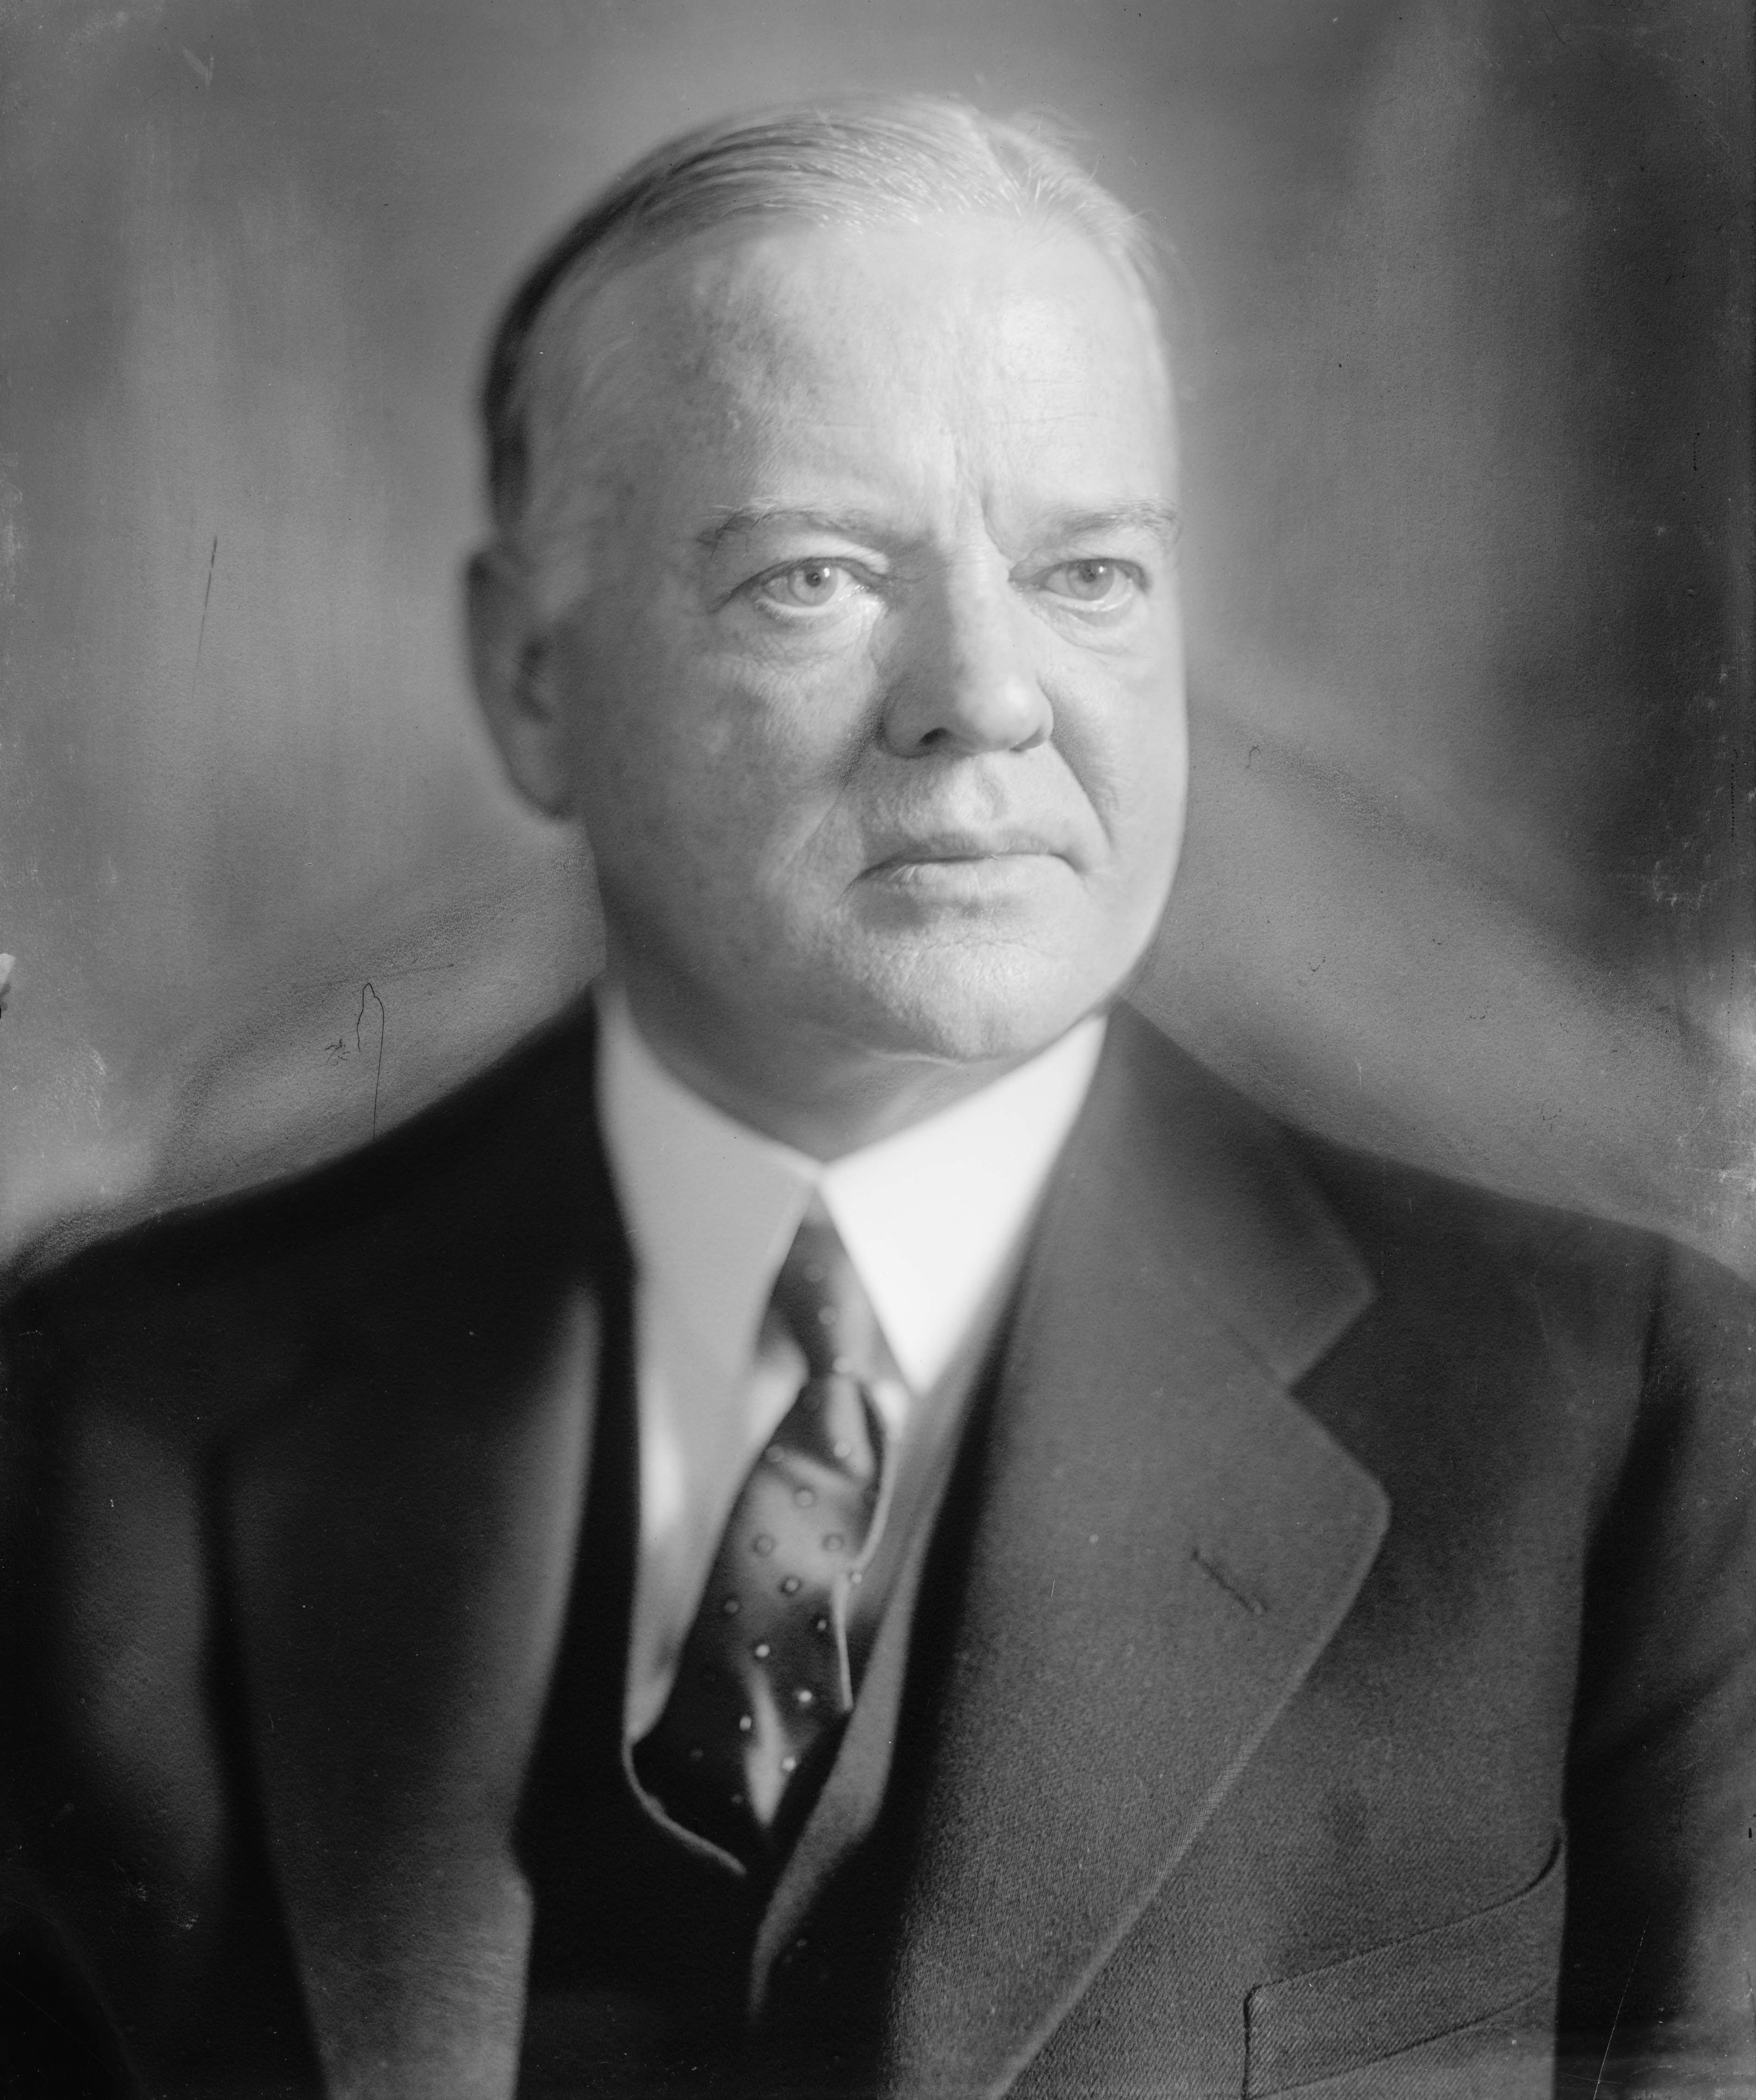 Herbert Clark Net Worth